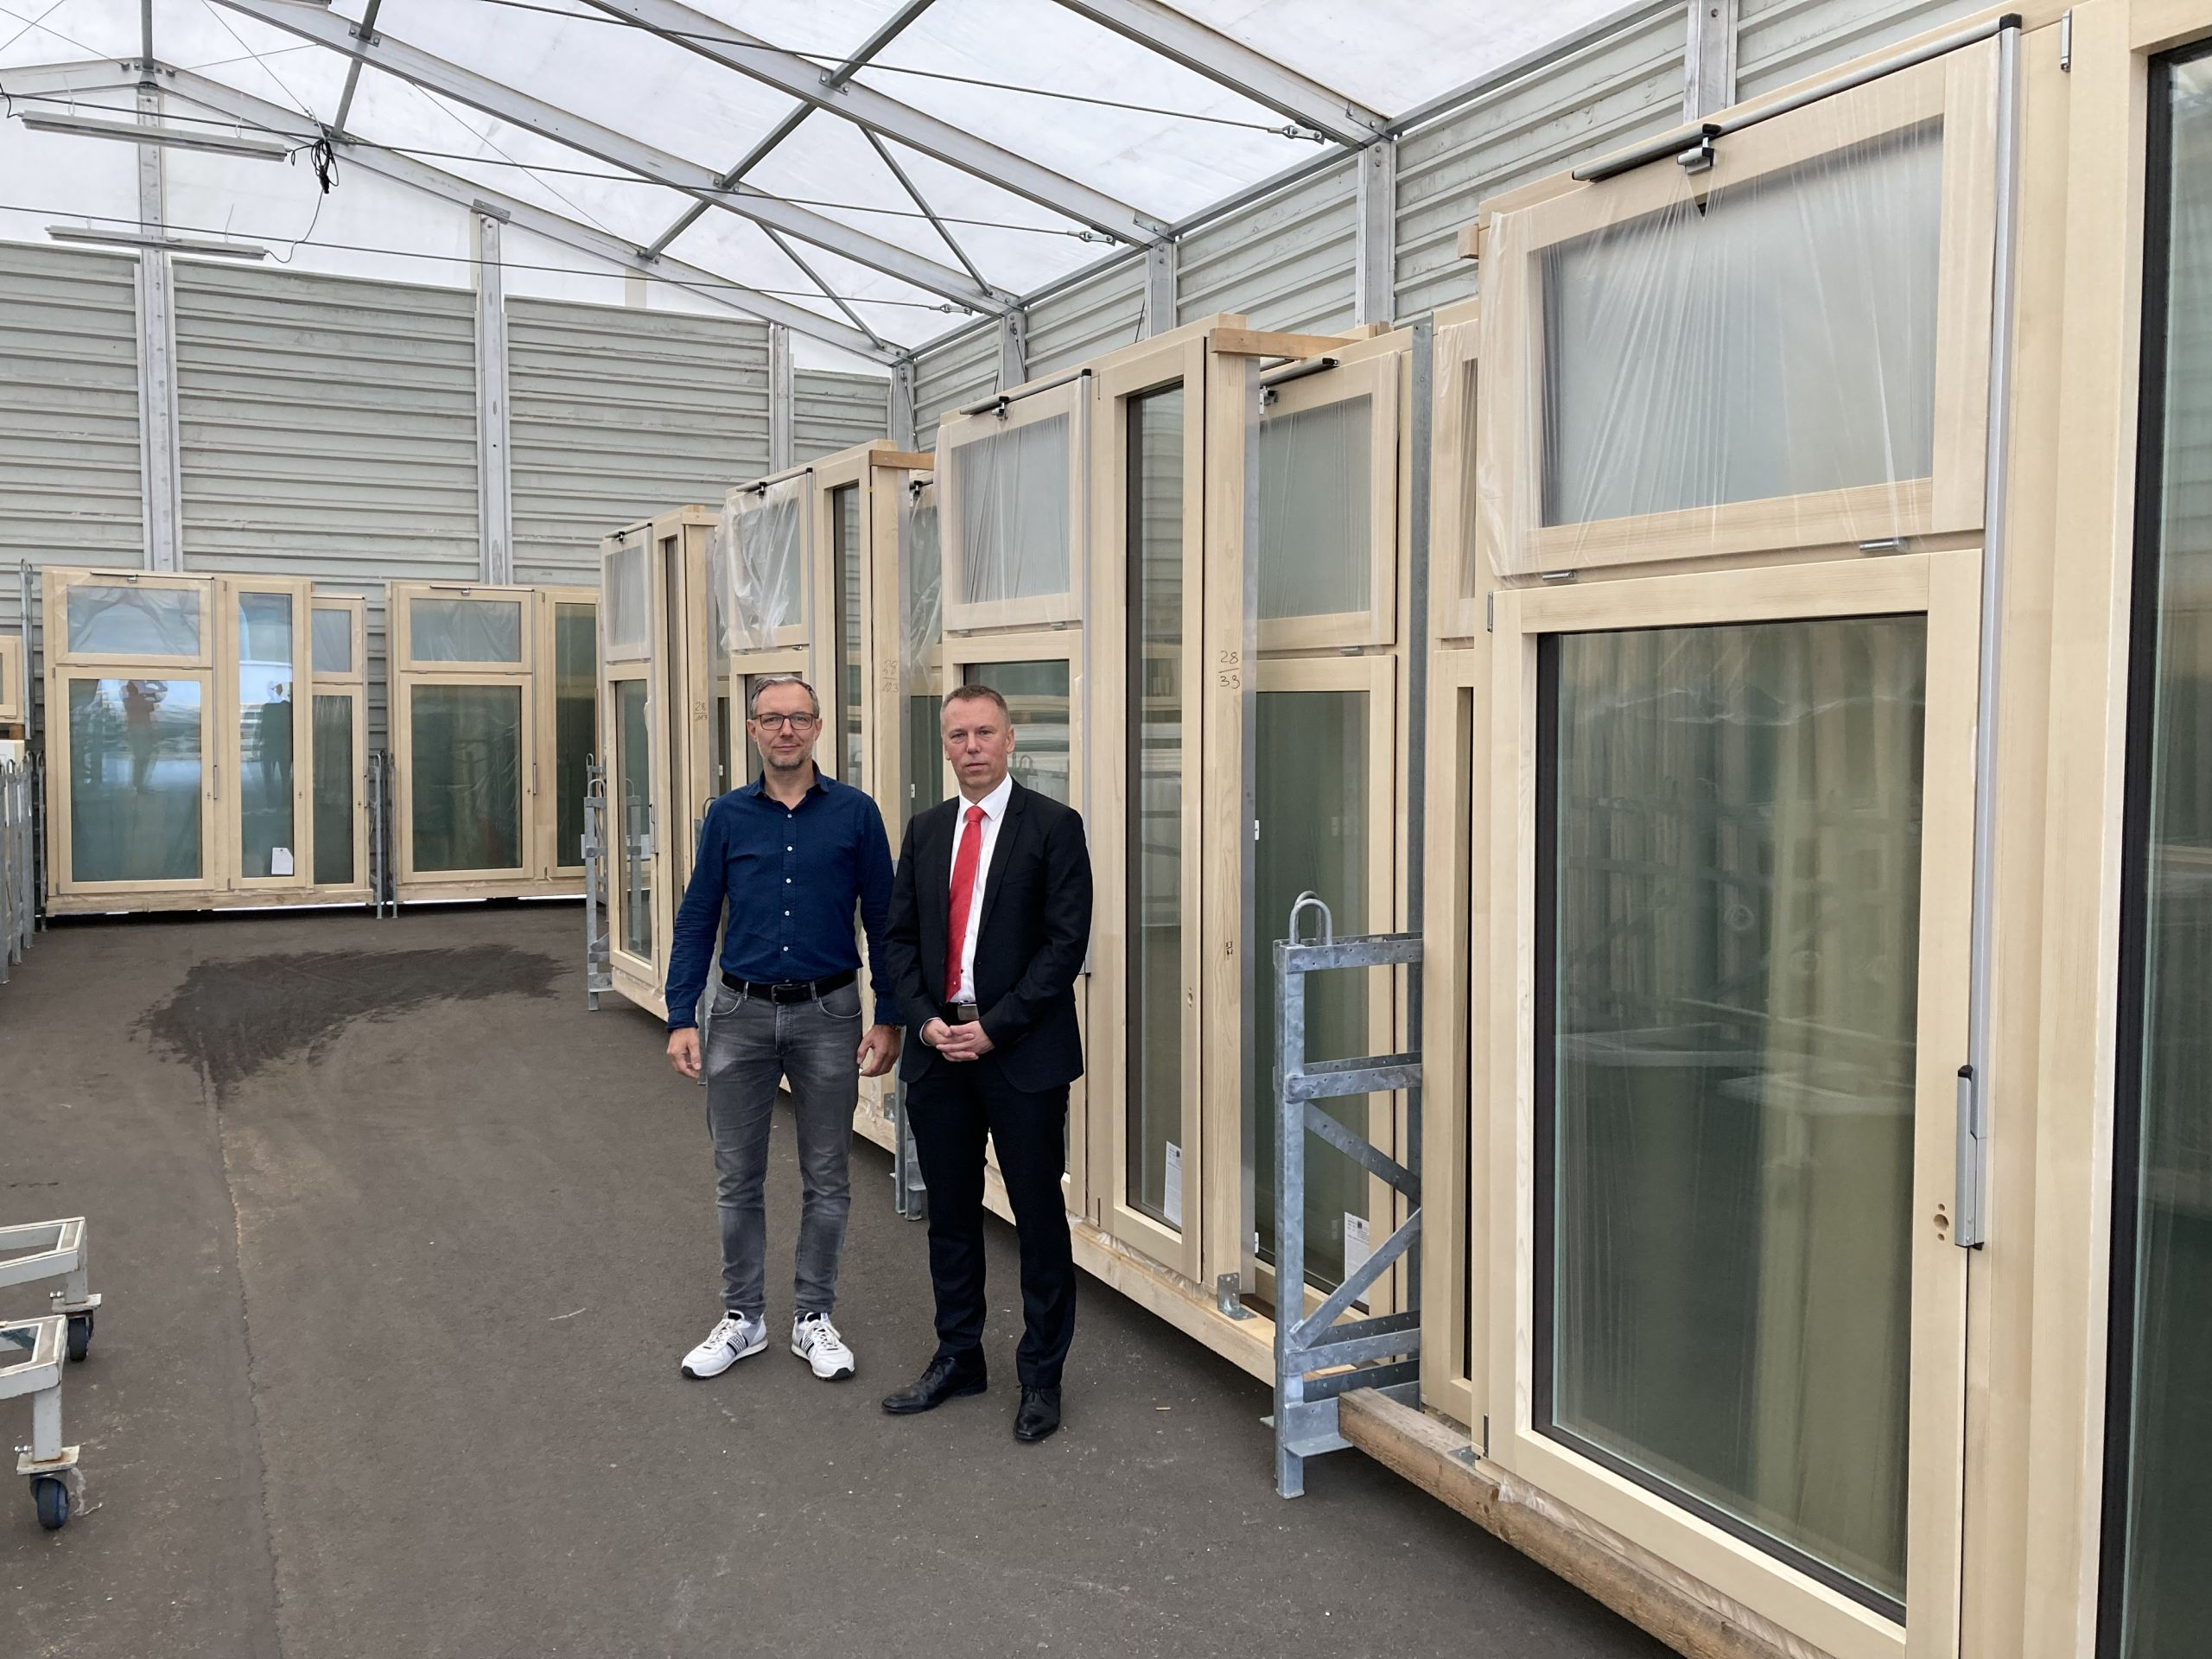 Ein Vertreter der KSK Stendal und der Geschäftsführer vom Unternehmen Innoline stehen vor vielen Glastüren